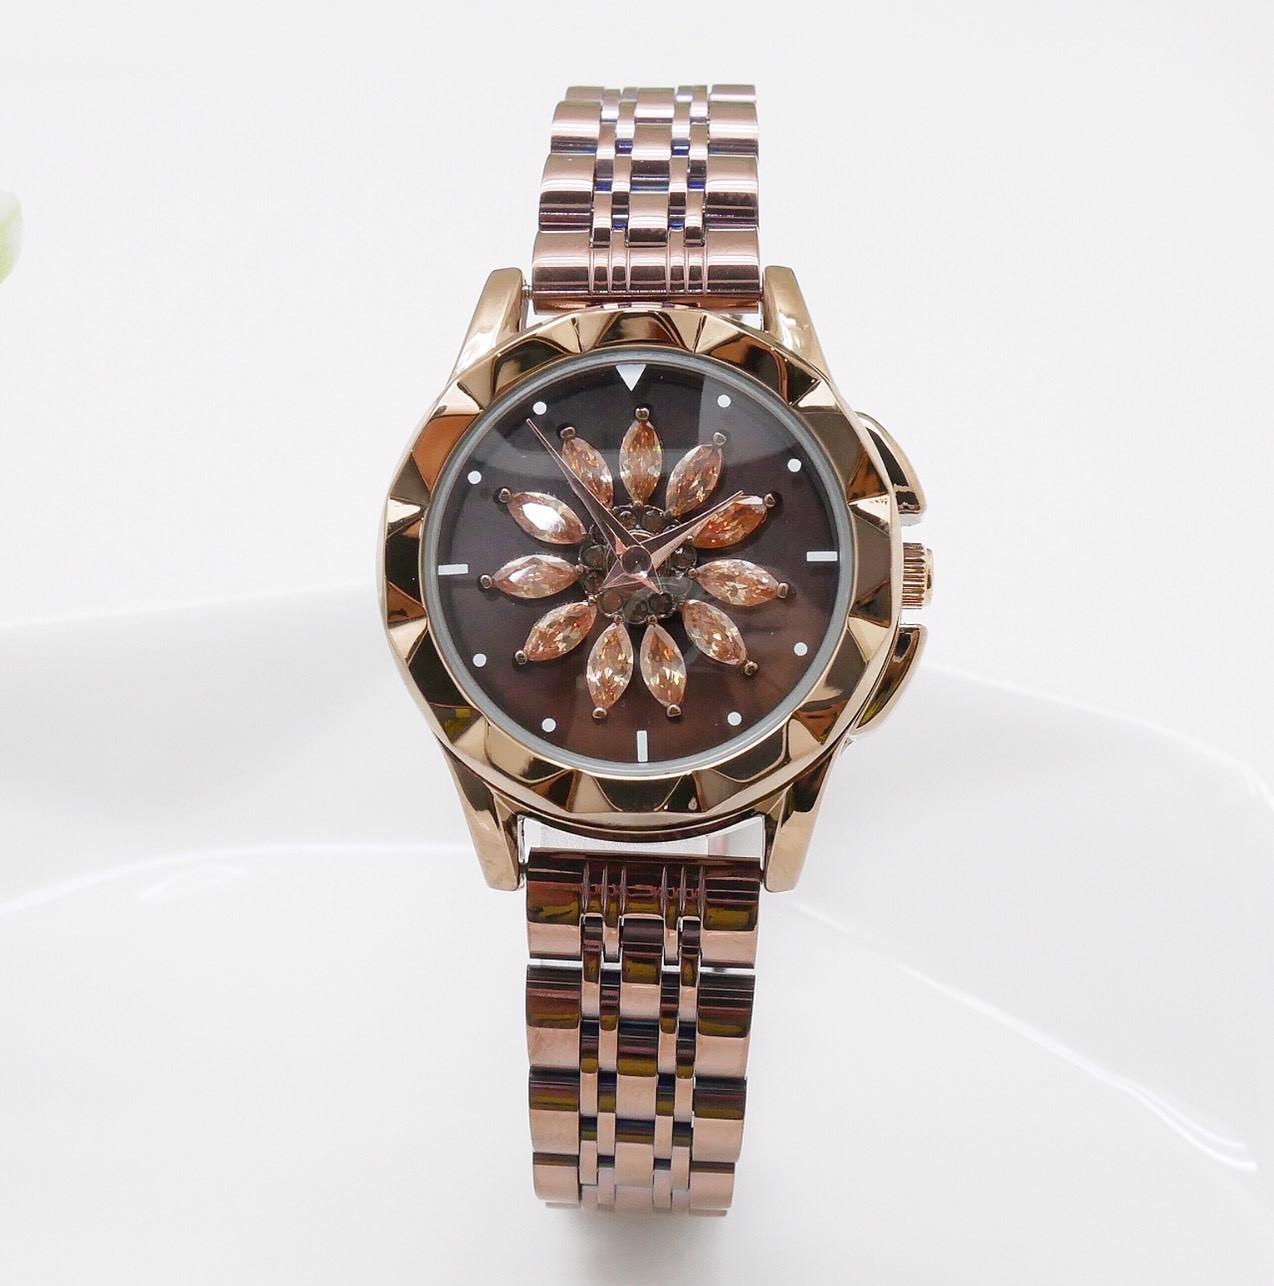 นาฬิกาข้อมือผู้หญิง MISHALI M18036 B